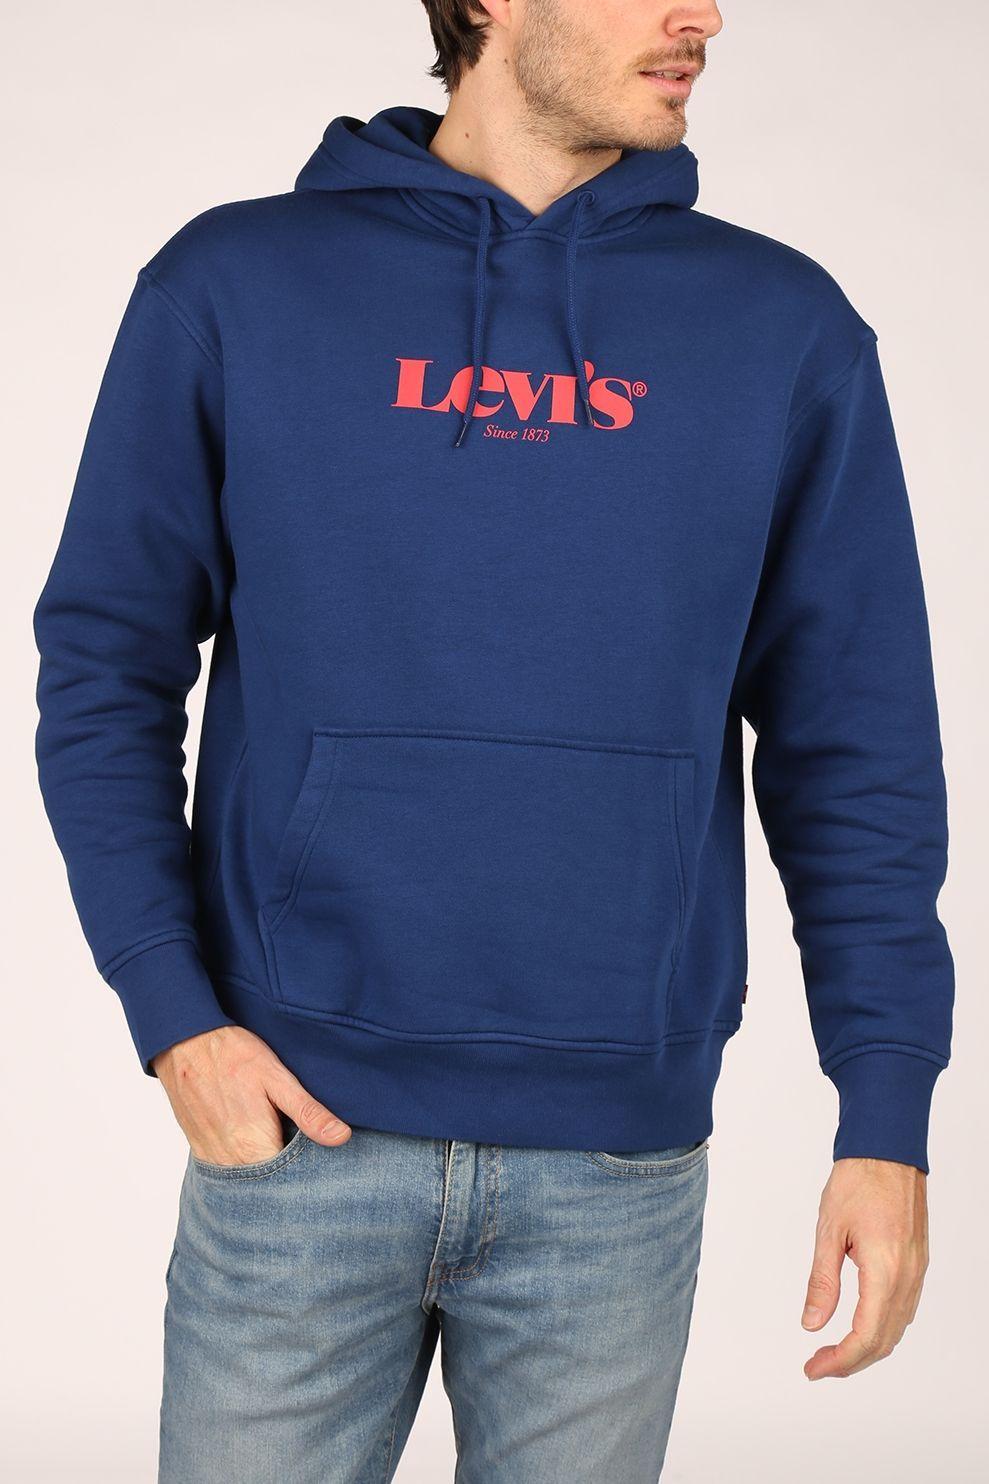 Levi's Trui T3 Relaxd Graphic Hoodie voor heren - Blauw - Maten: S, M, L, XL